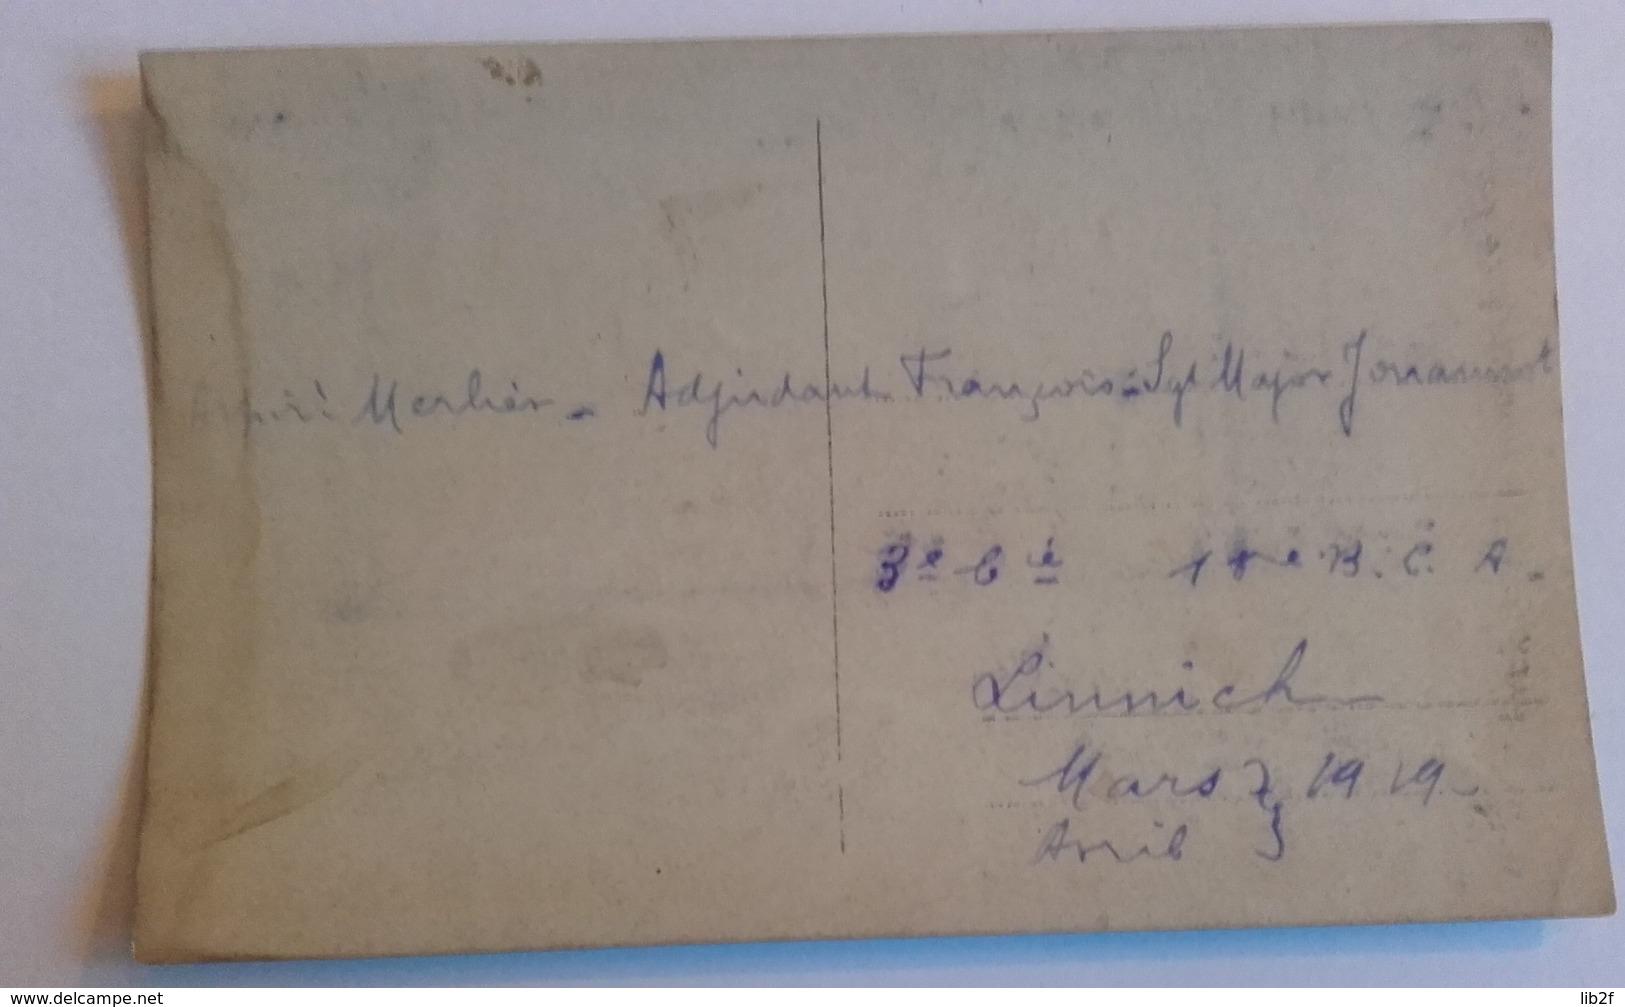 1919 Chasseurs Alpins 1er Bataillon Linnick Allemagne Occupation Ruhr Aspirant Sous Officiers Nommés - War, Military